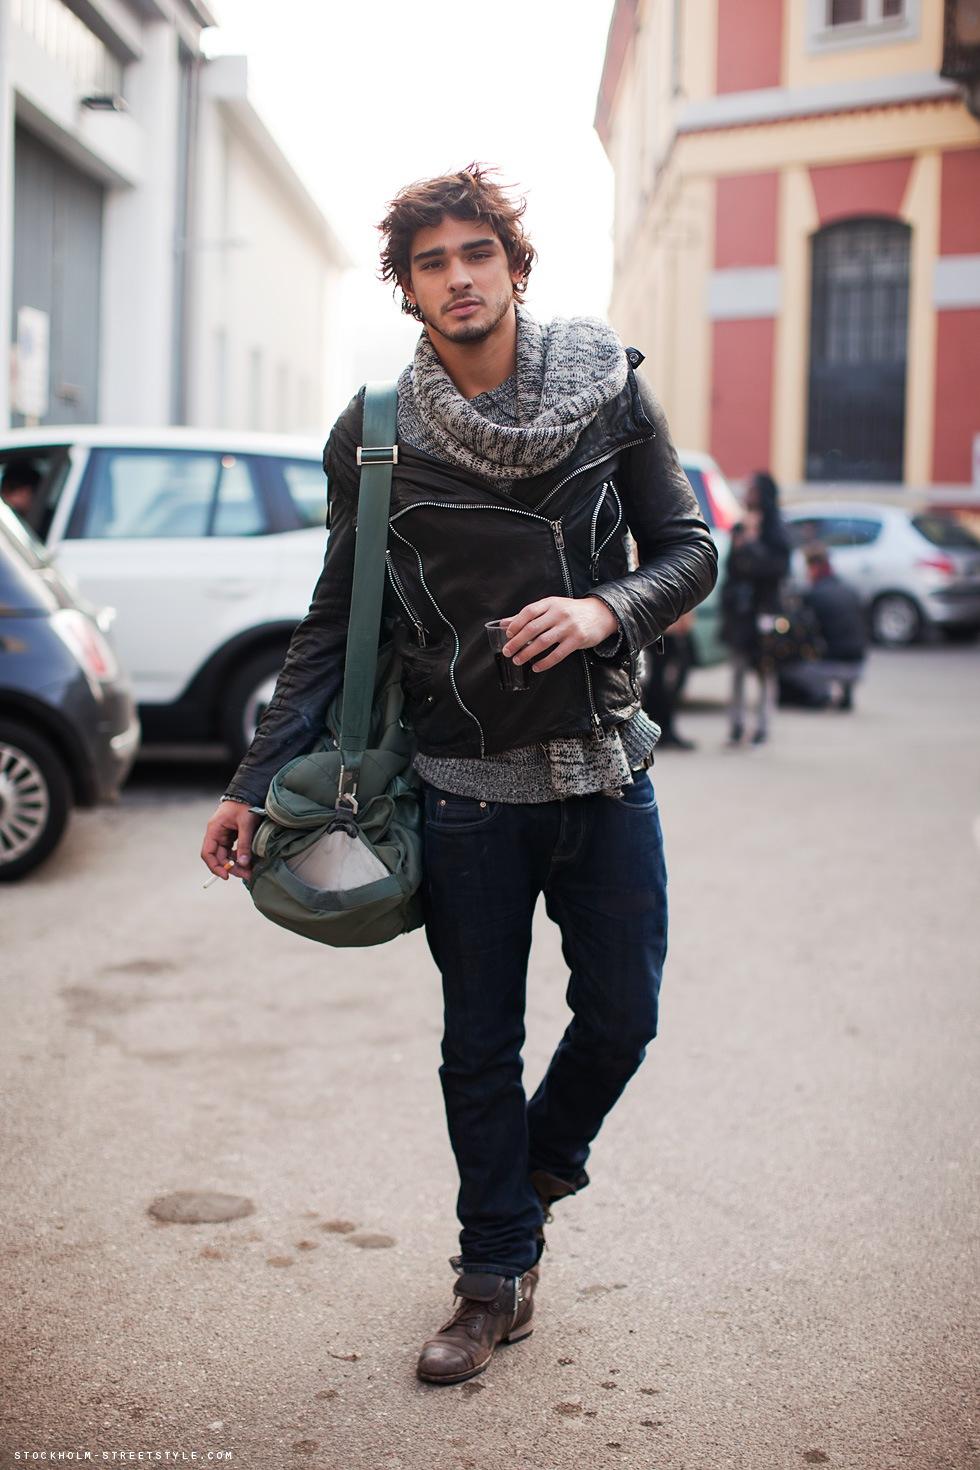 Fashion+%2872%29.jpg (980×1470)